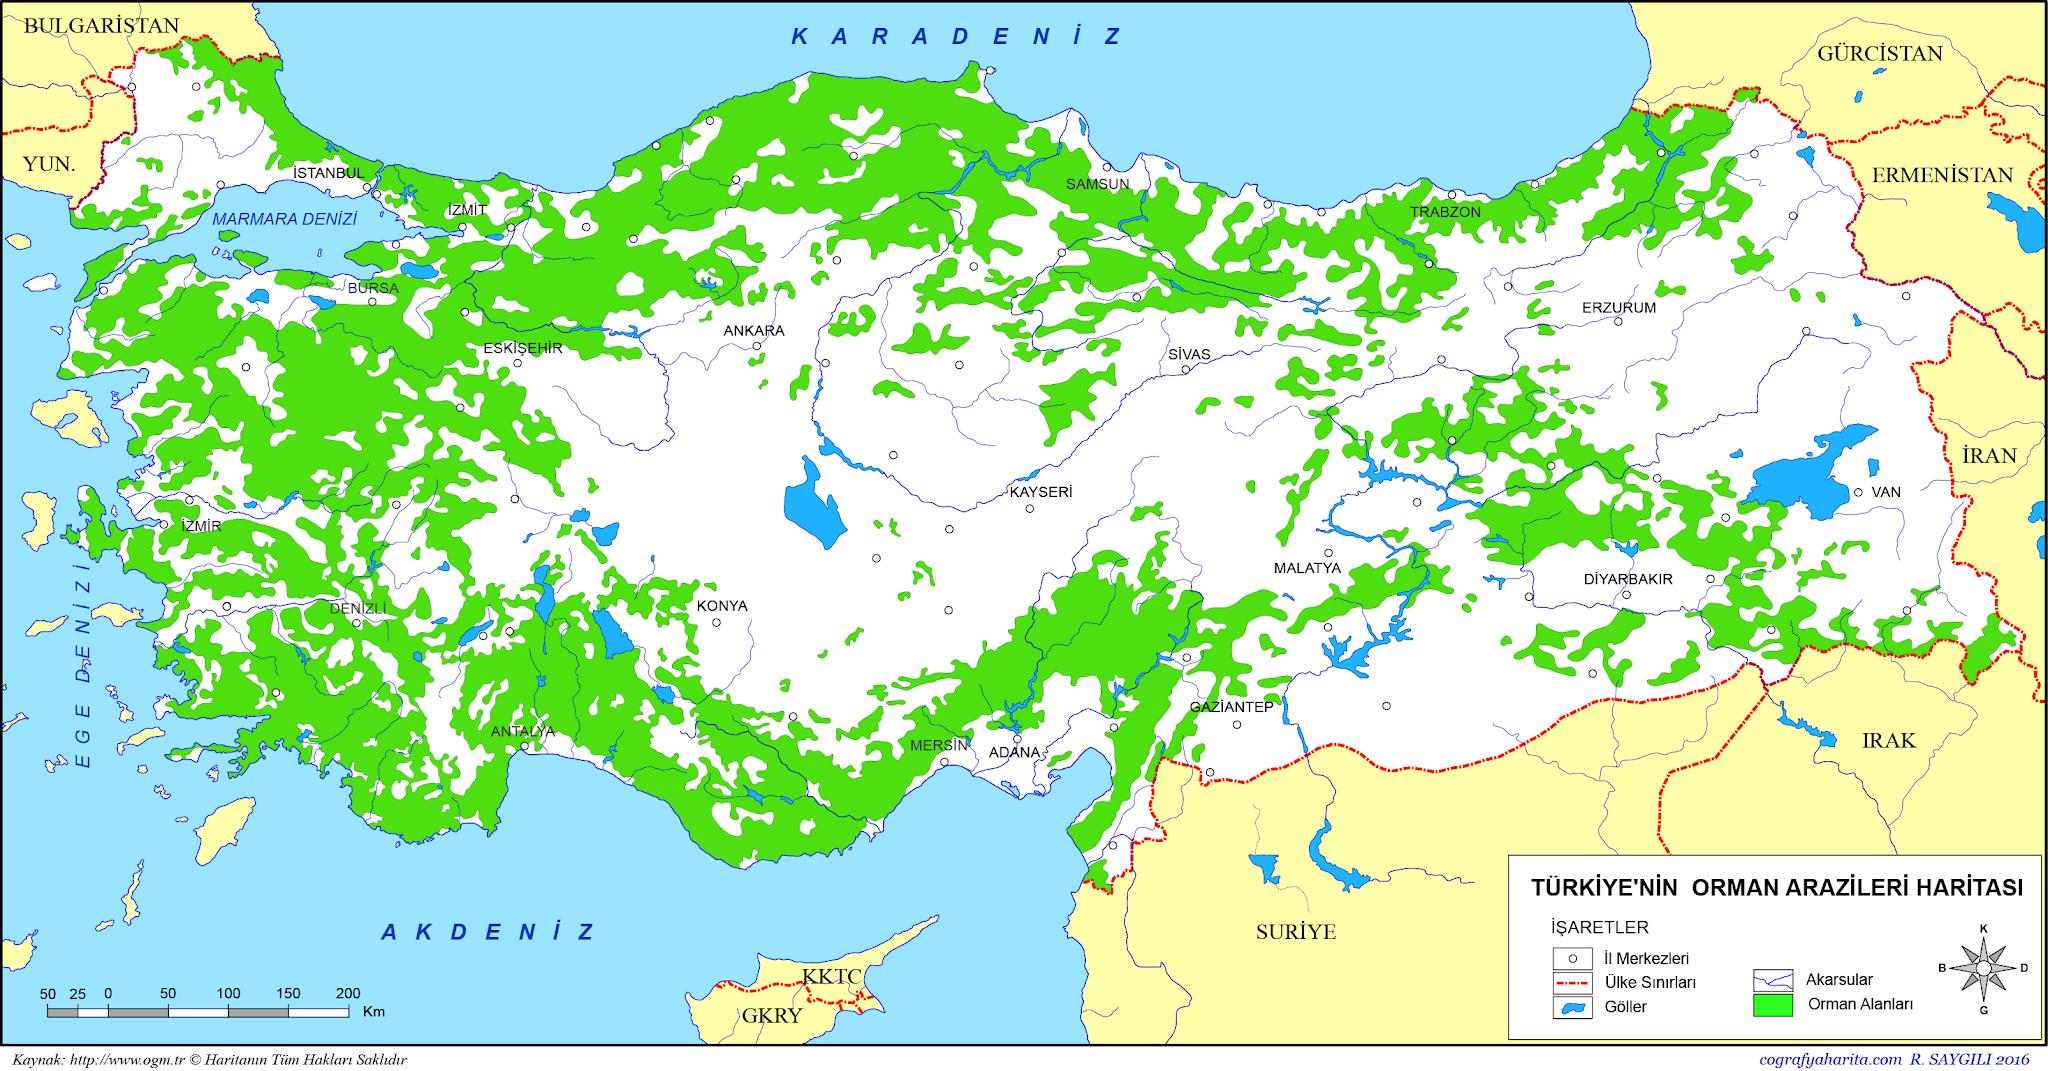 Türkiye'nin orman haritası